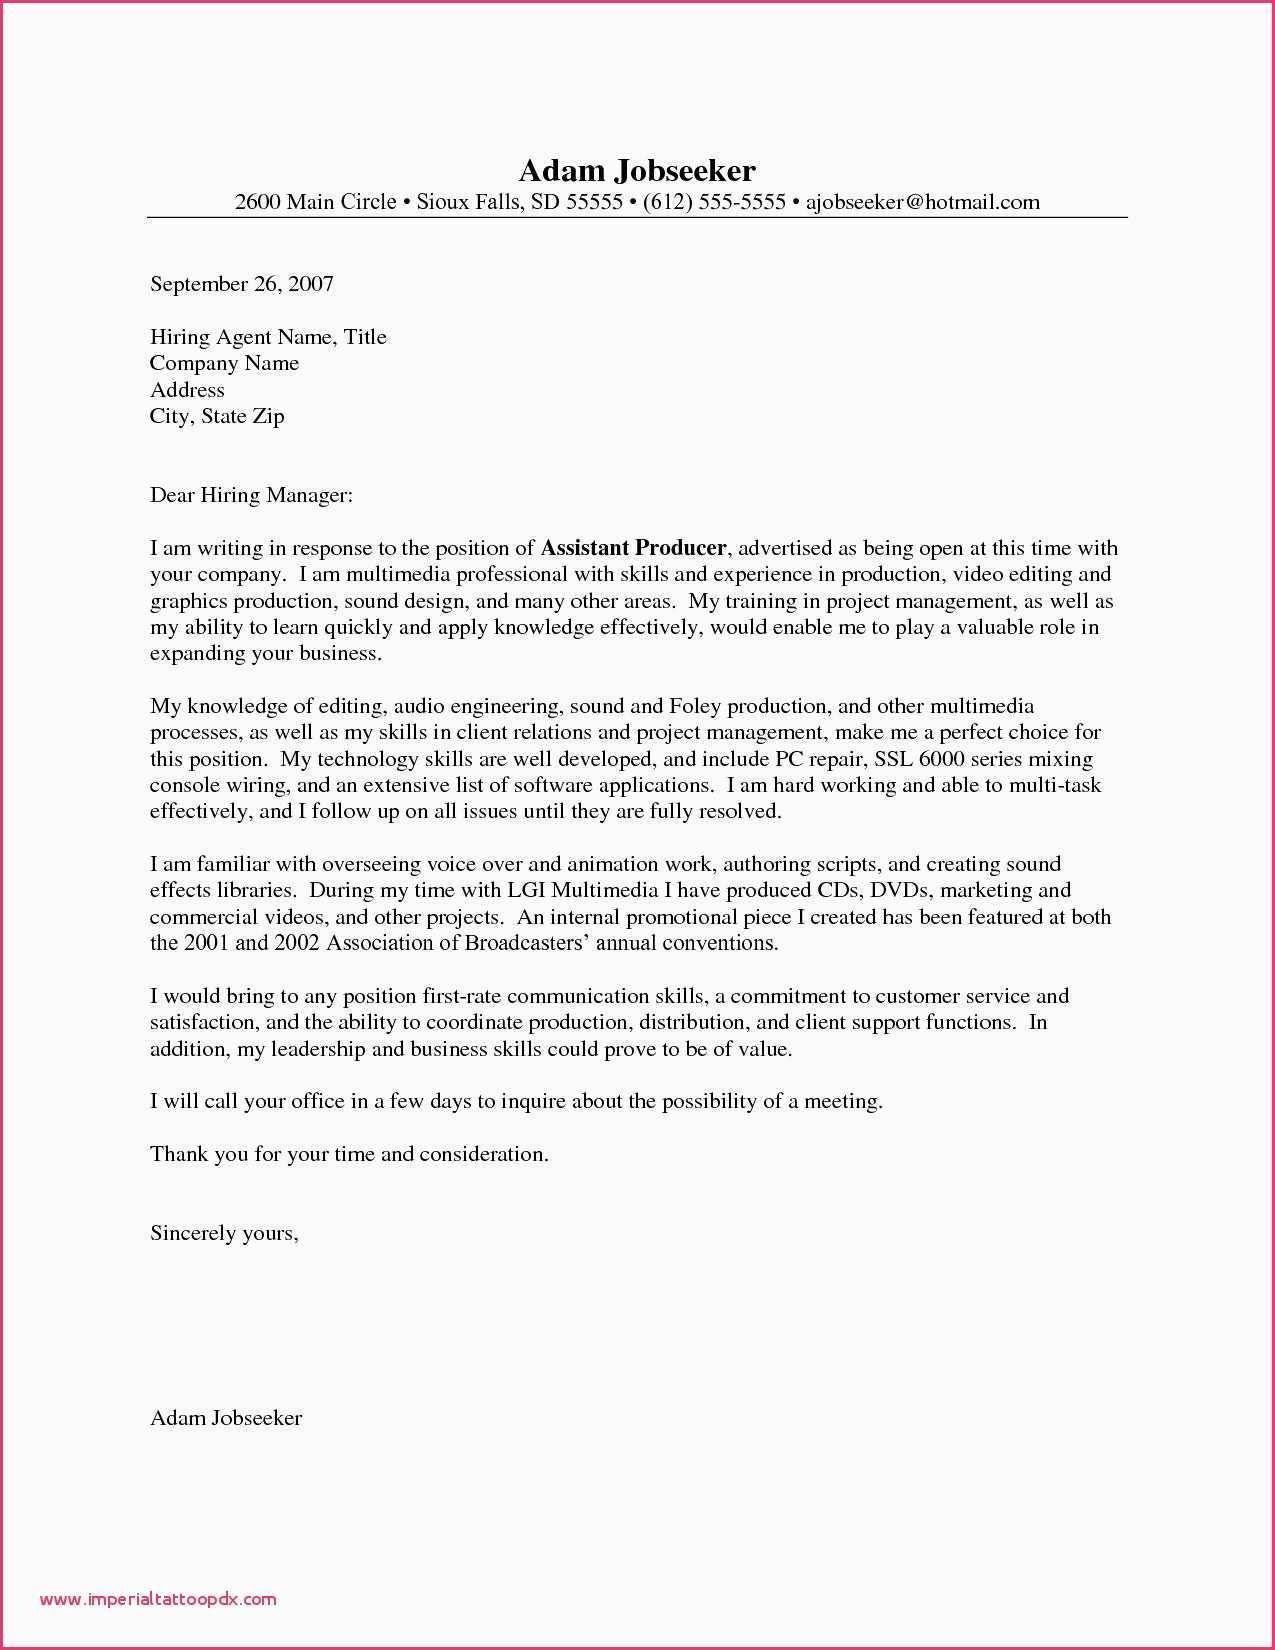 27 Medical Assistant Cover Letter Sample Resume Cover Letter Examples Cover Letter For Resume Job Cover Letter